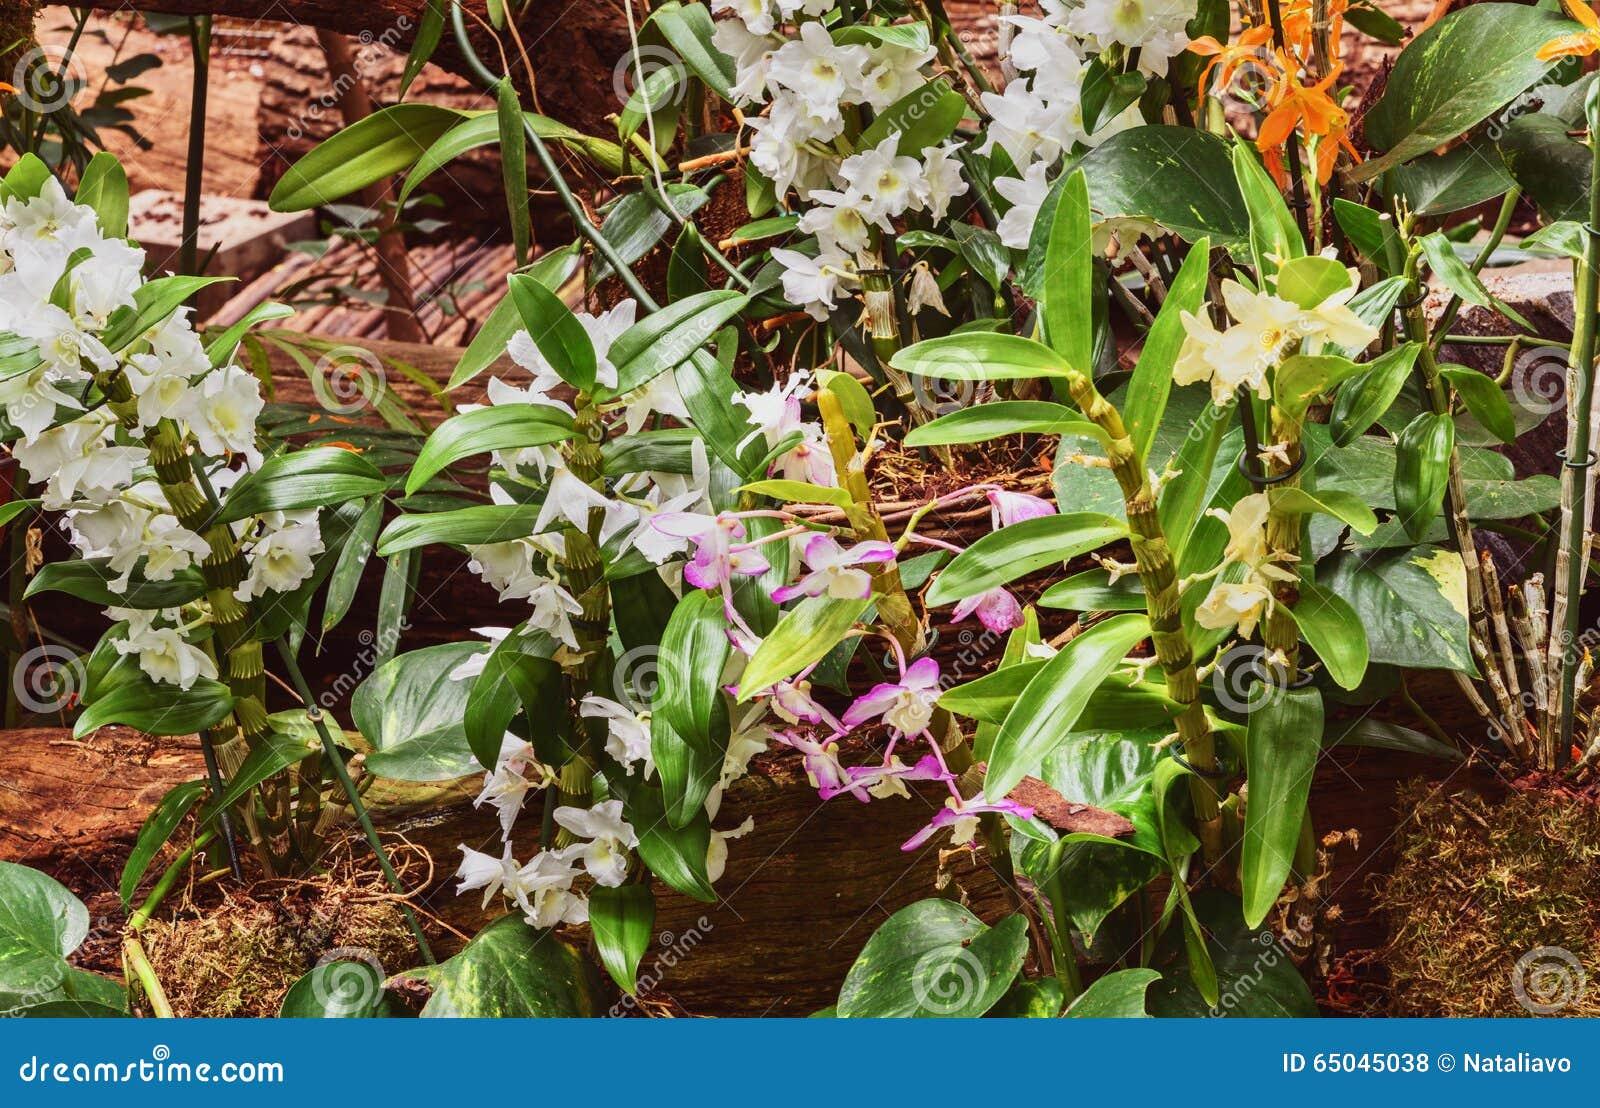 orchideen dendrobium nobile im gew chshaus stockfoto bild von blumenstrau abschlu 65045038. Black Bedroom Furniture Sets. Home Design Ideas